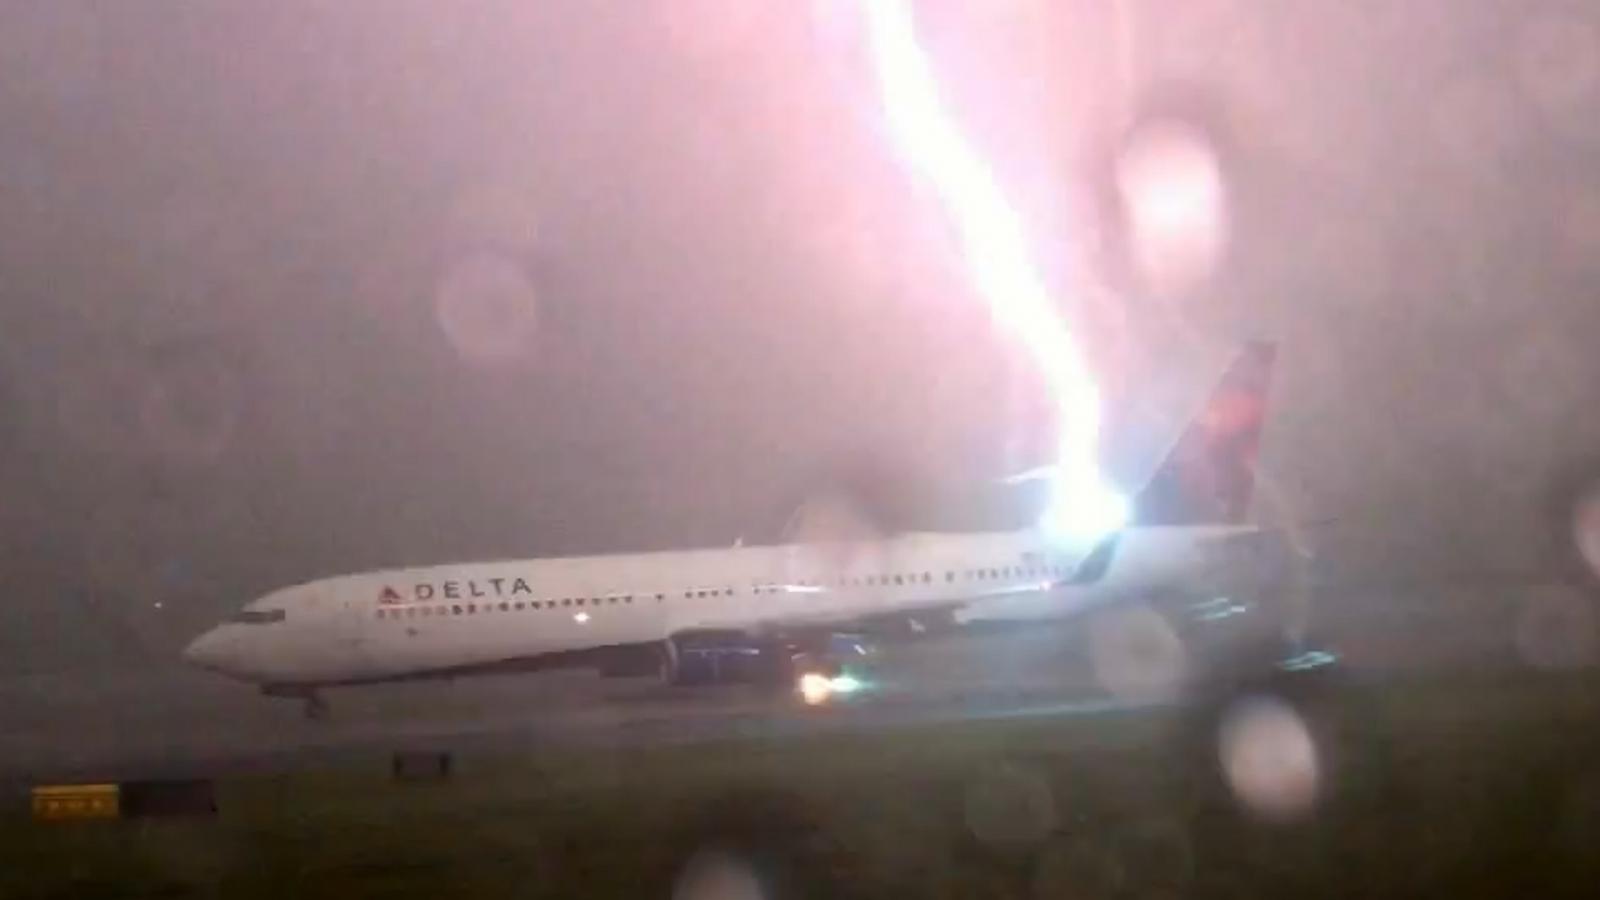 Aircraft Wallpaper Hd Lightning Strikes Delta Boeing 737 Plane At Atlanta